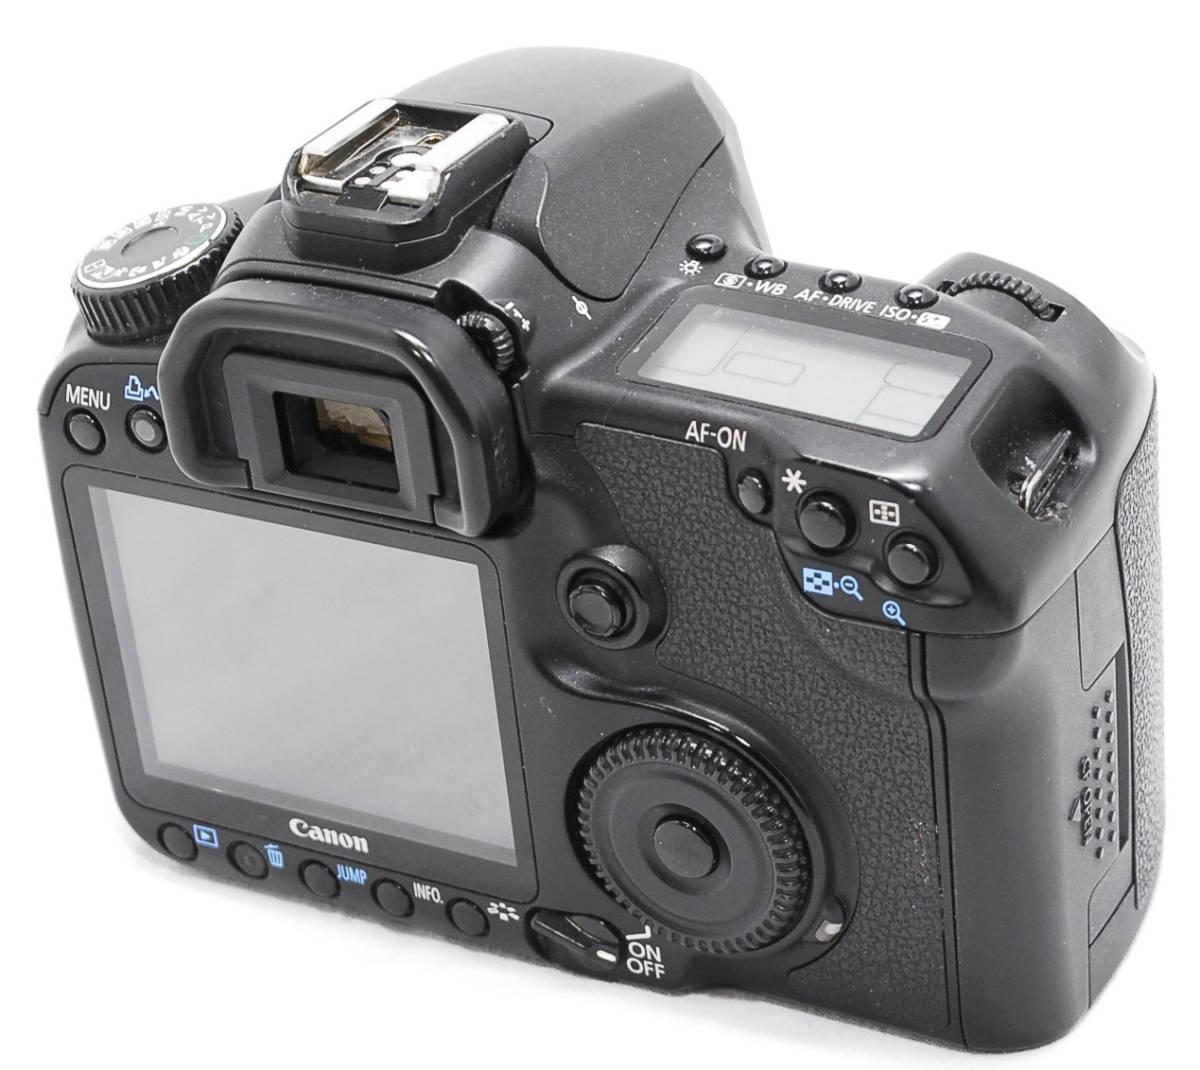 【動作未確認】Canon キヤノン EOS 40D ジャンク_画像3